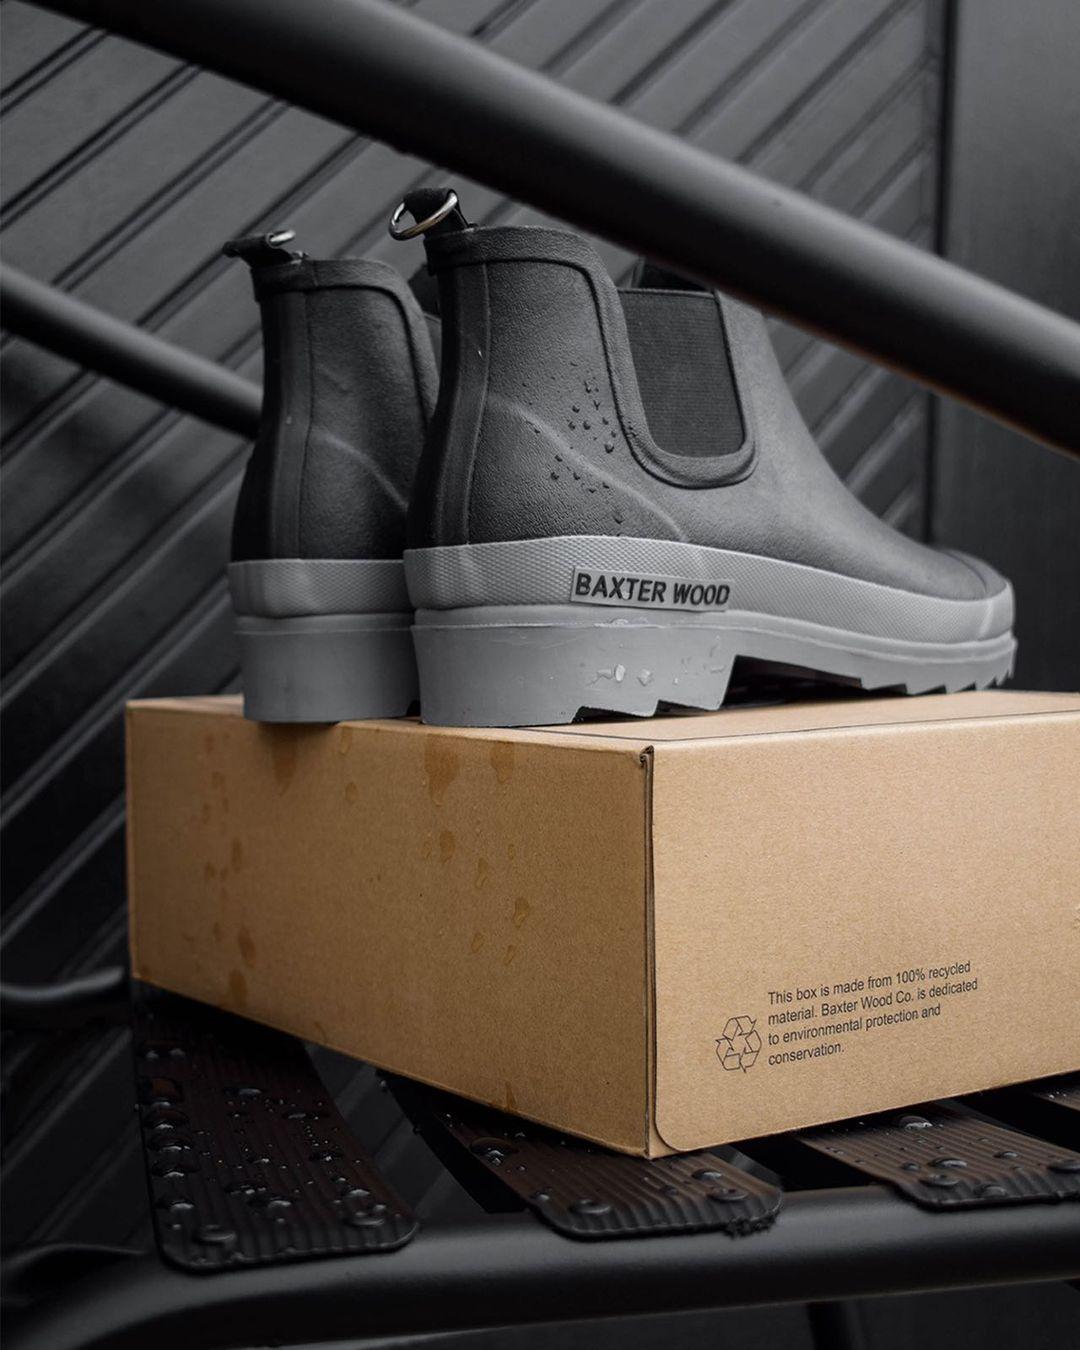 baxter wood chelsea rain boots